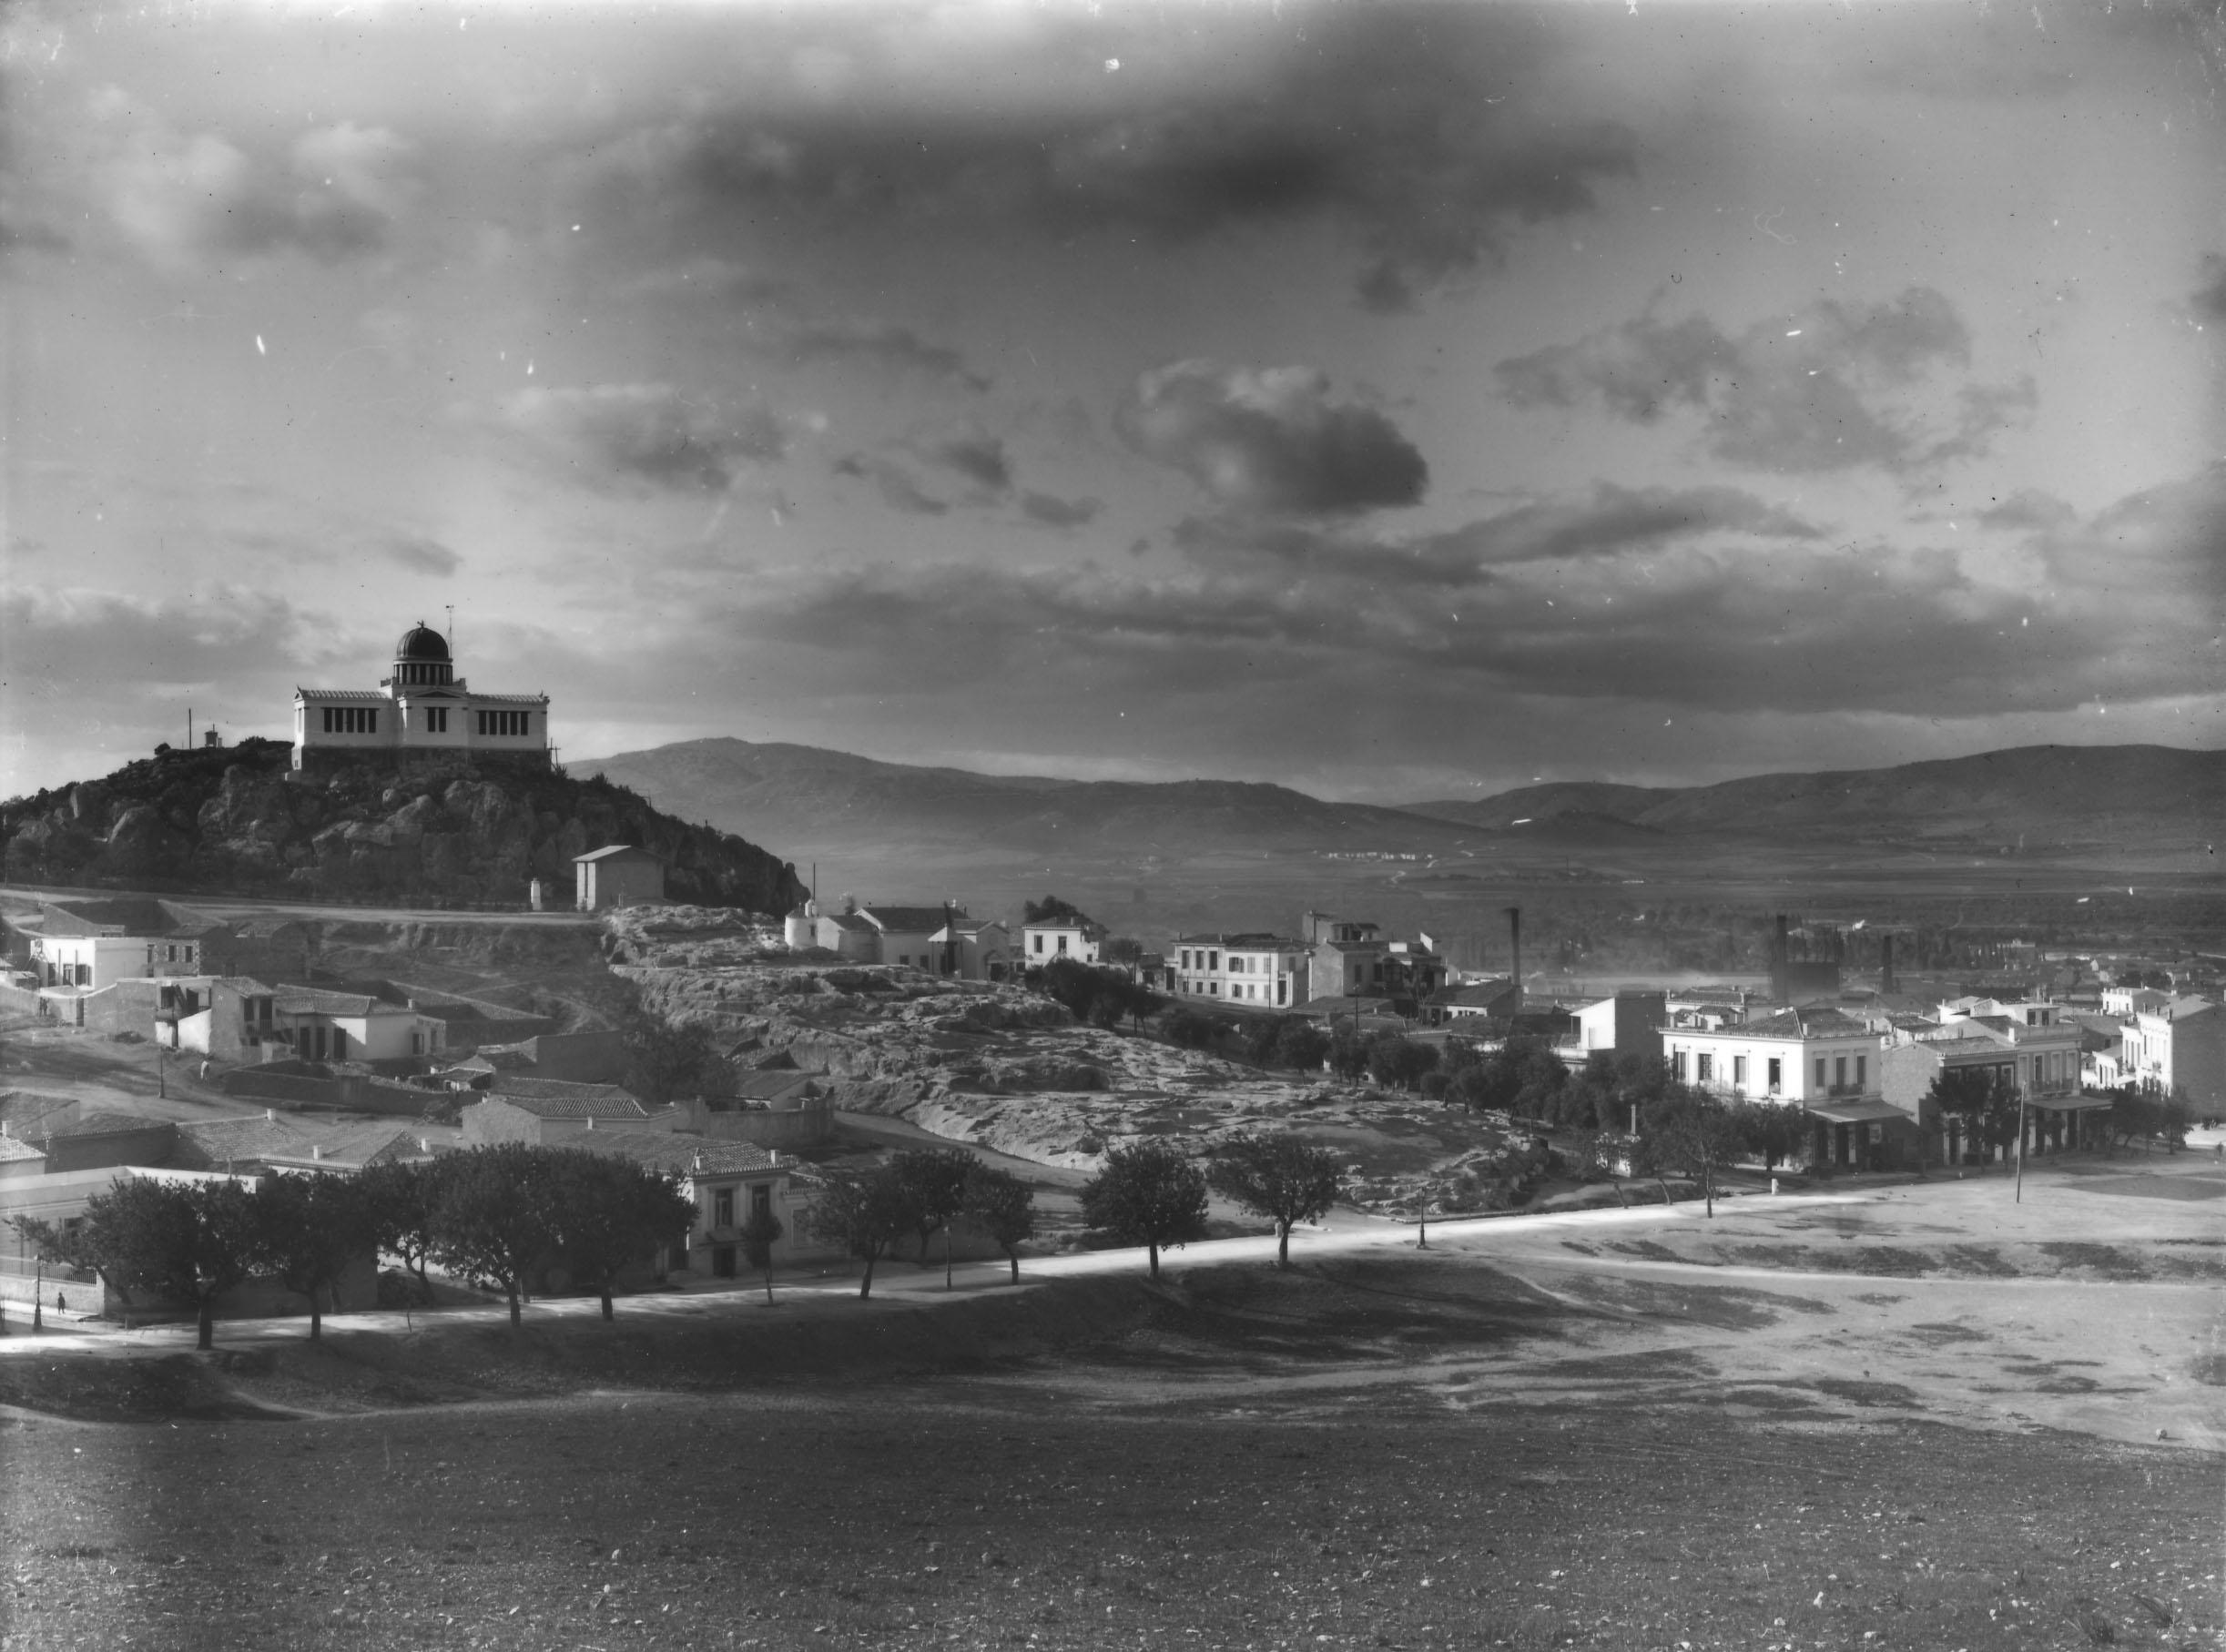 Το Αστεροσκοπείο και τα λαξεύματα του ιερού του Διός, στο κέντρο, με τις νεόκτιστες οικοδομές προ του 1927, έτος ανέγερσης της σημερινής Αγίας Μαρίνας (Nicholson Museum, Professor W.J. Woodhouse Collection).